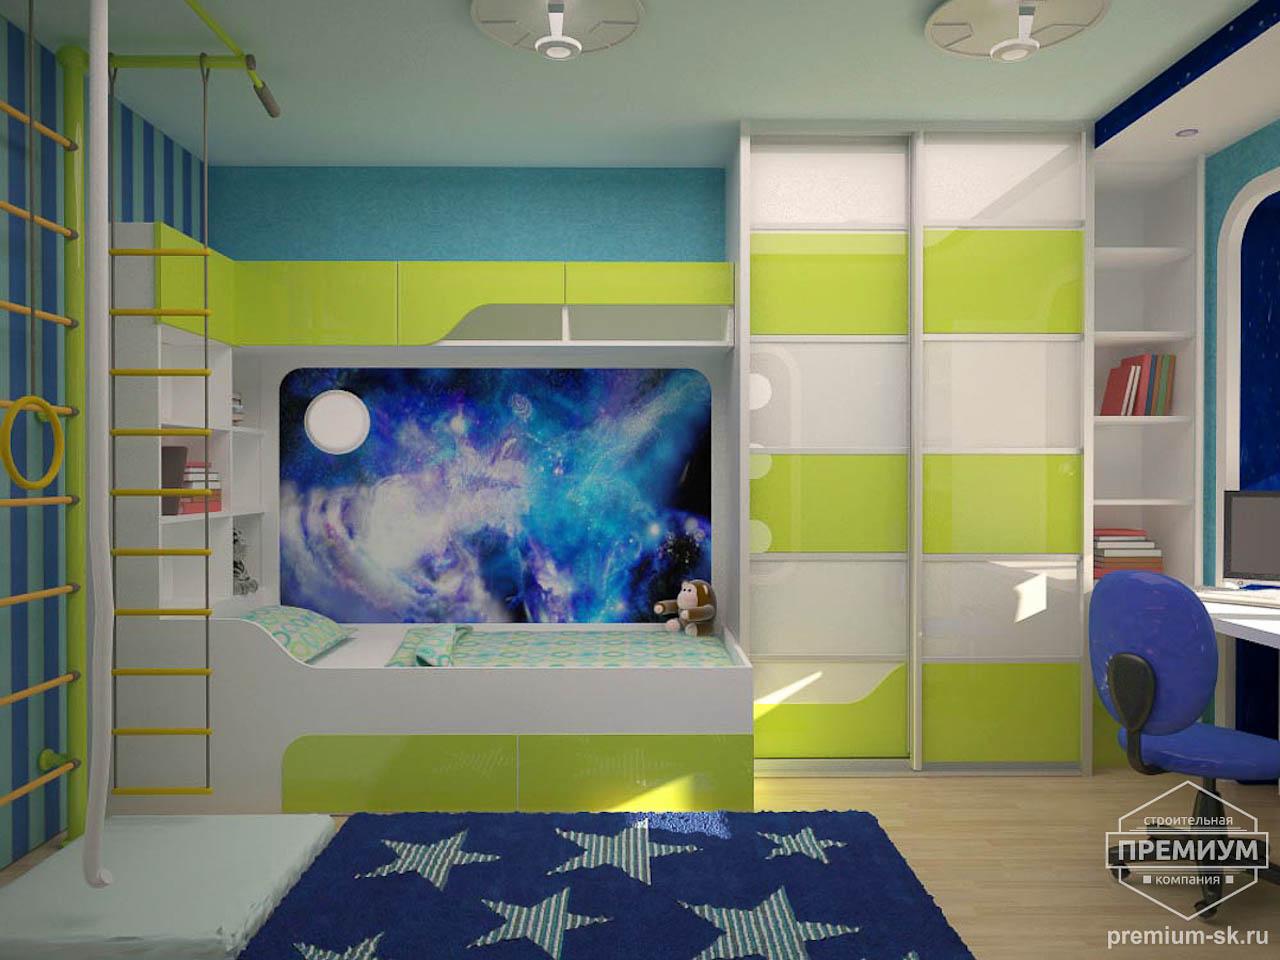 Дизайн интерьера детской по ул. Радищева 33 img1965937612